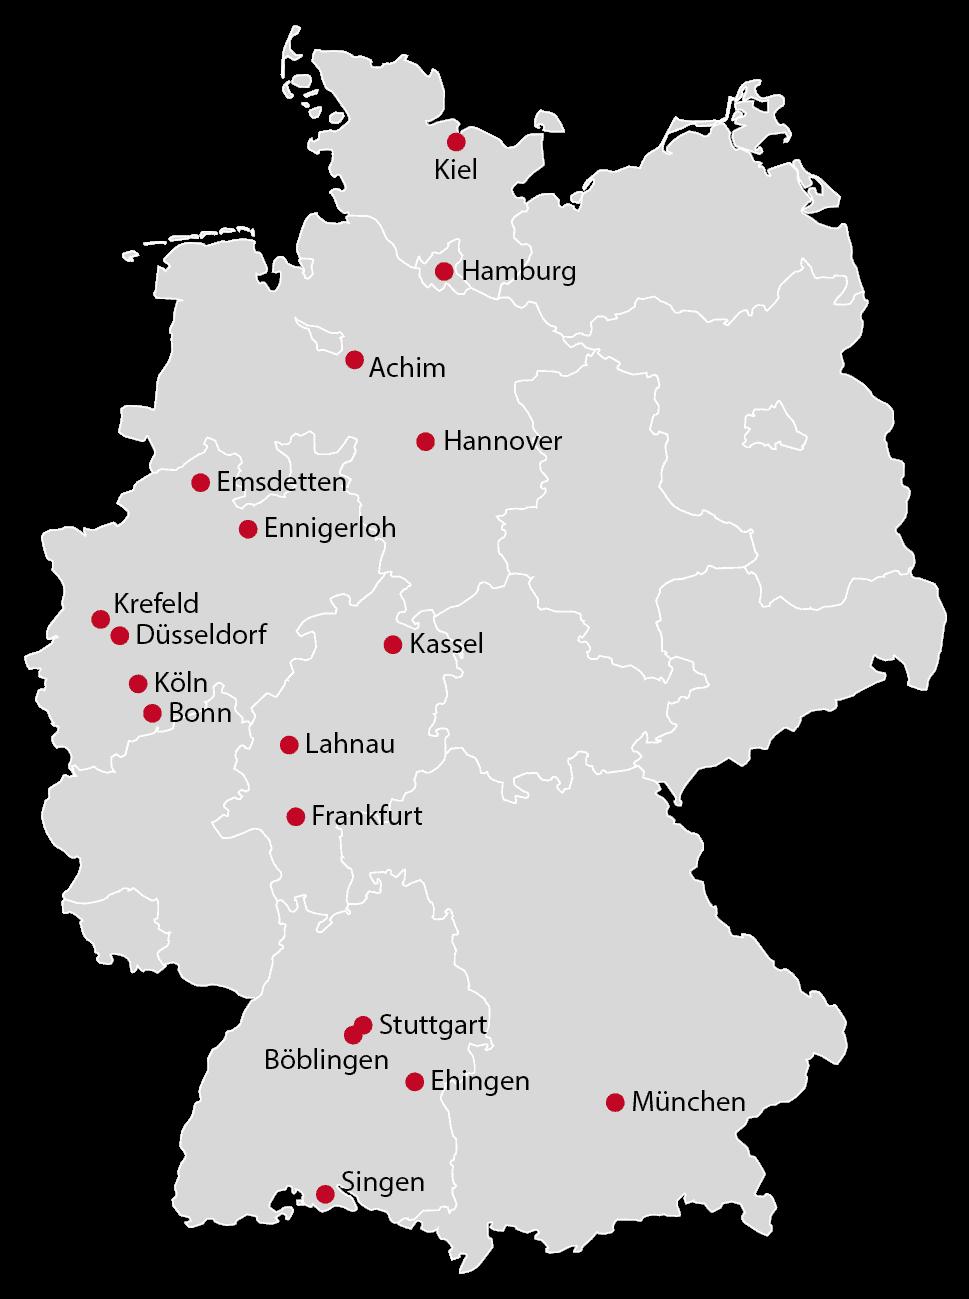 Alle Standorte der BS Gruppe von BleckmnnSchulze PartnerServices im Überblick